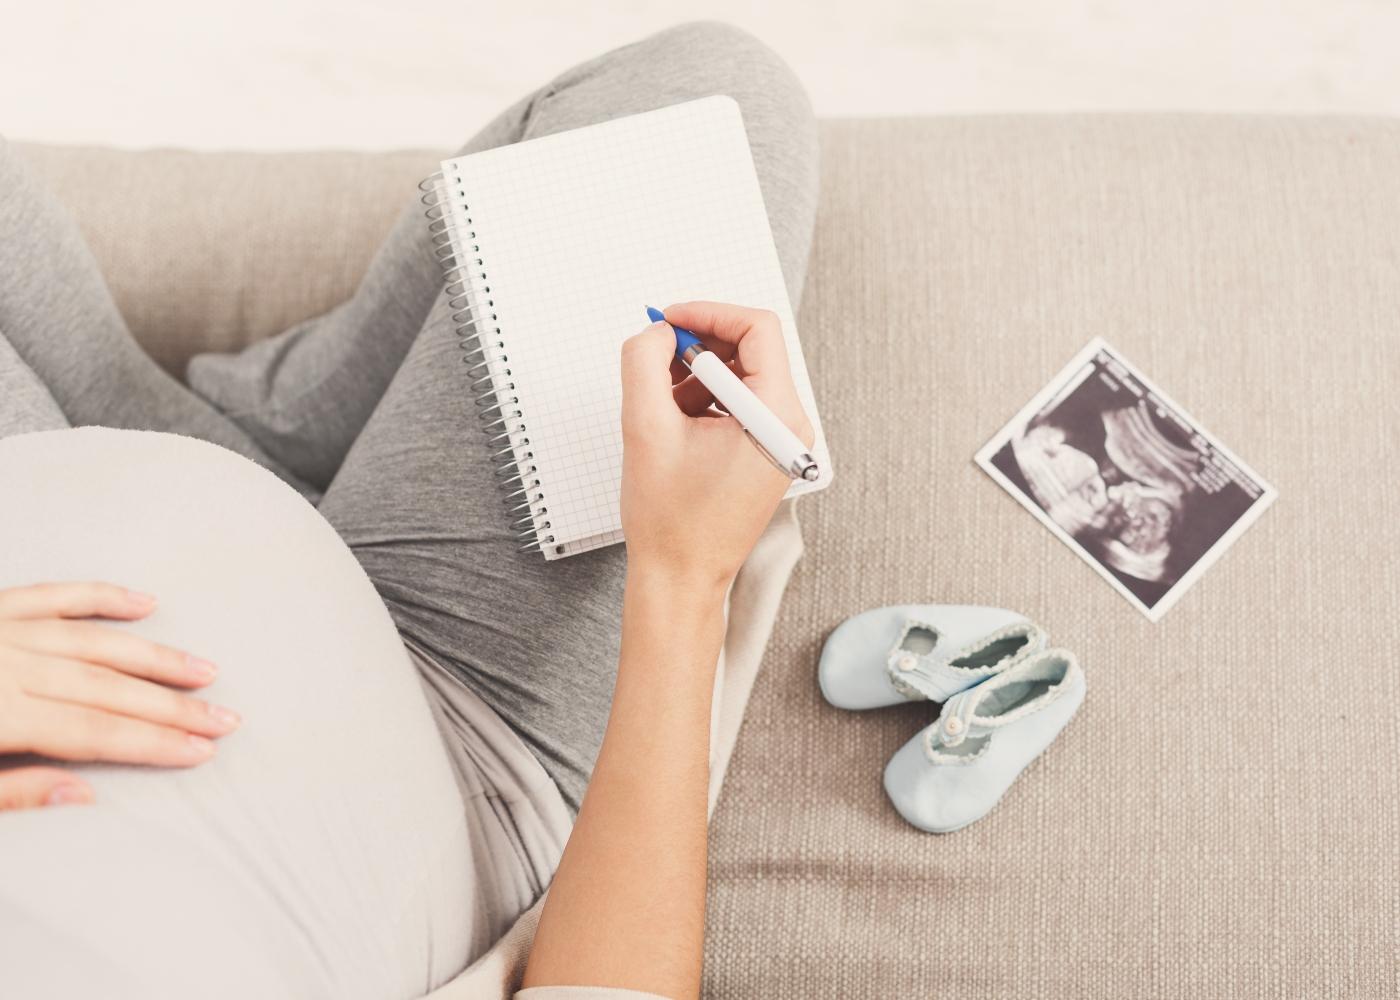 Grávida a apontar o que precisa levar para a maternidade